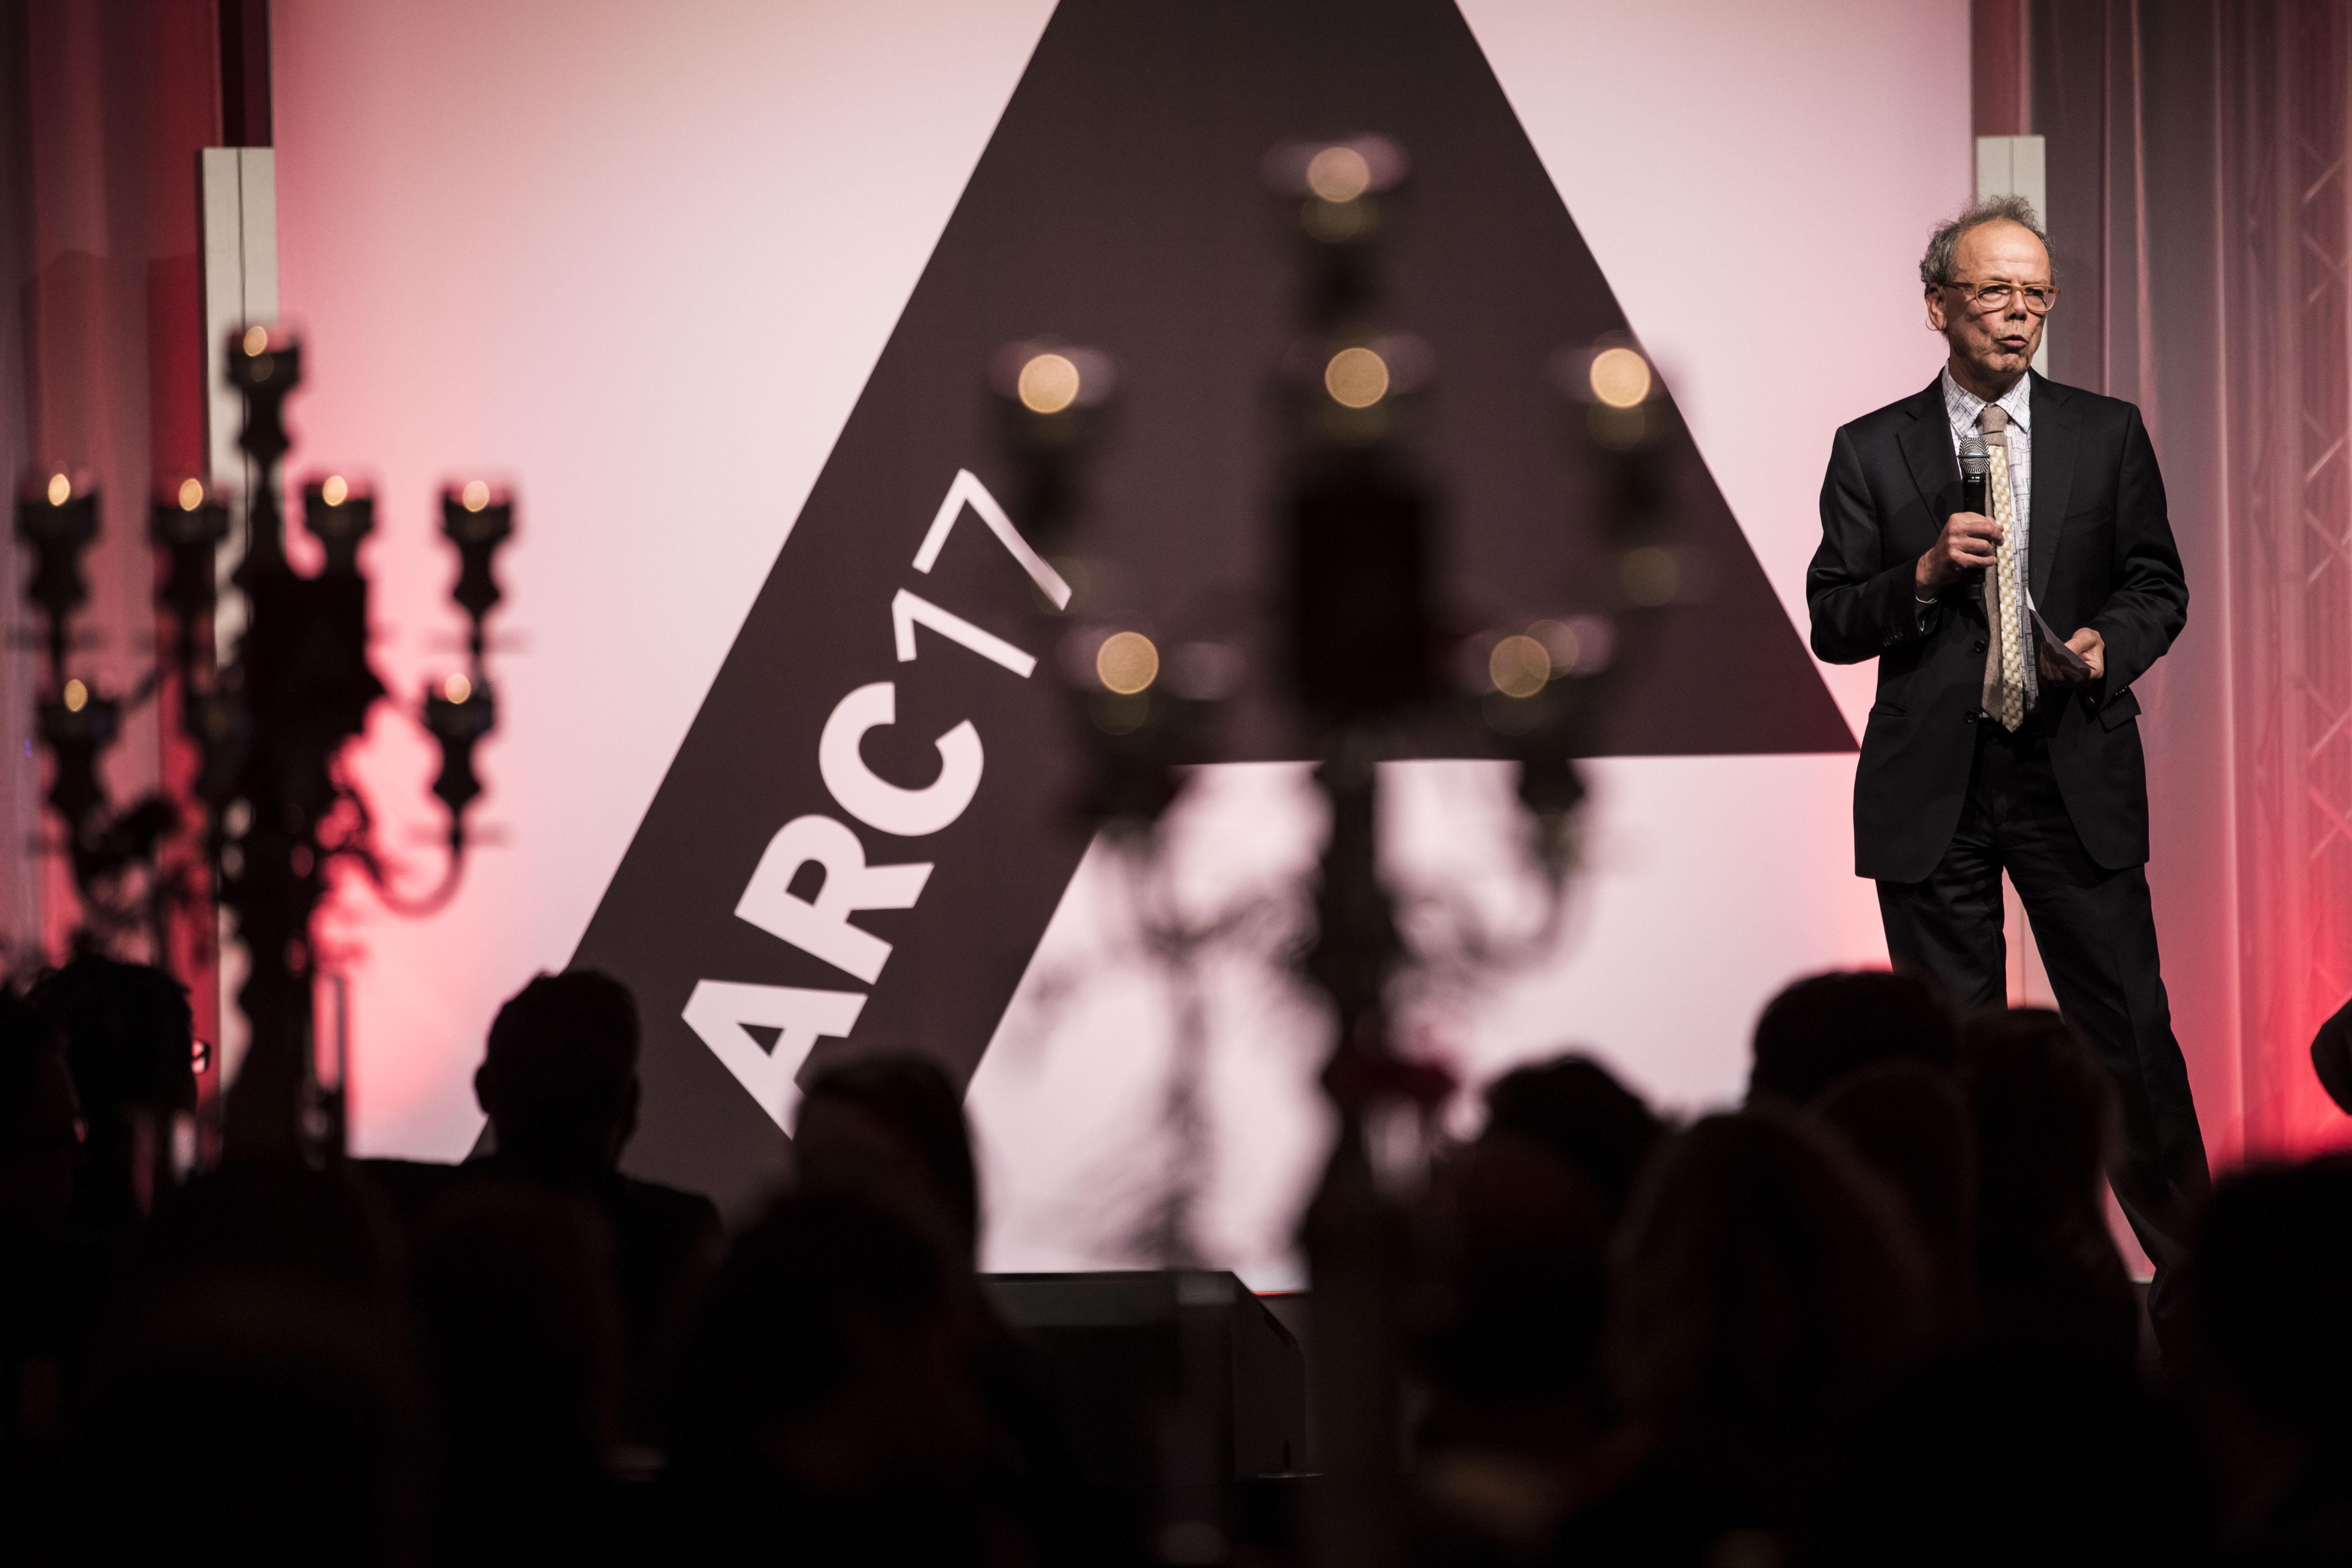 <p>Kees Christiaanse is onderscheiden met de ARC17 Oeuvre Award. Foto: Elvins Fotografie</p>